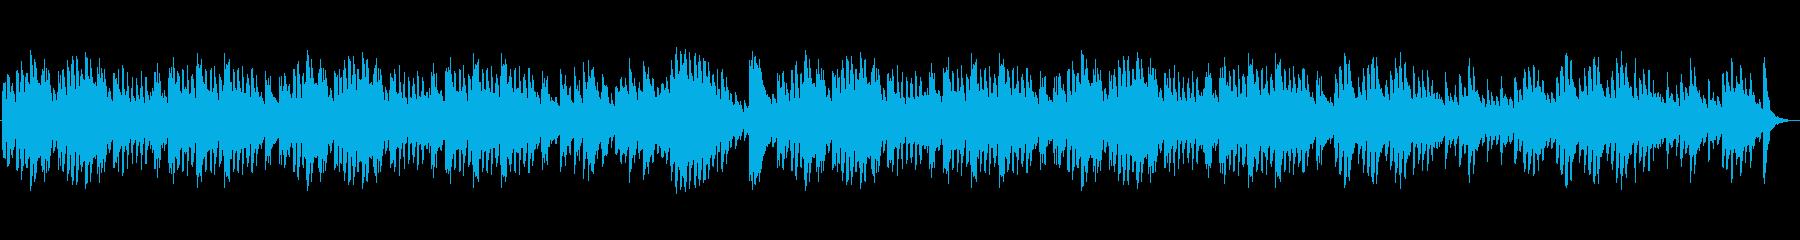 キラキラ星の夜のような可愛い3拍子の再生済みの波形